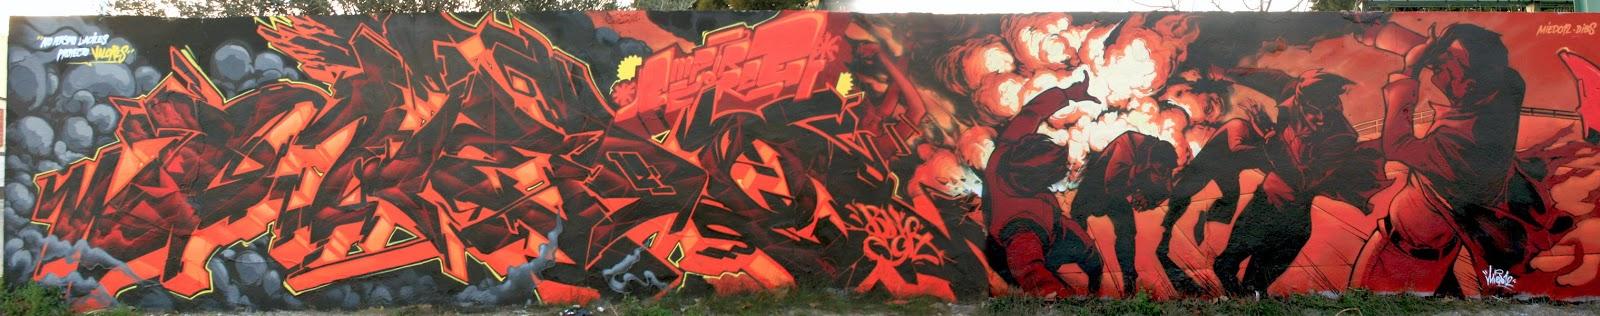 Miedo12 04 hip hop writing valencia